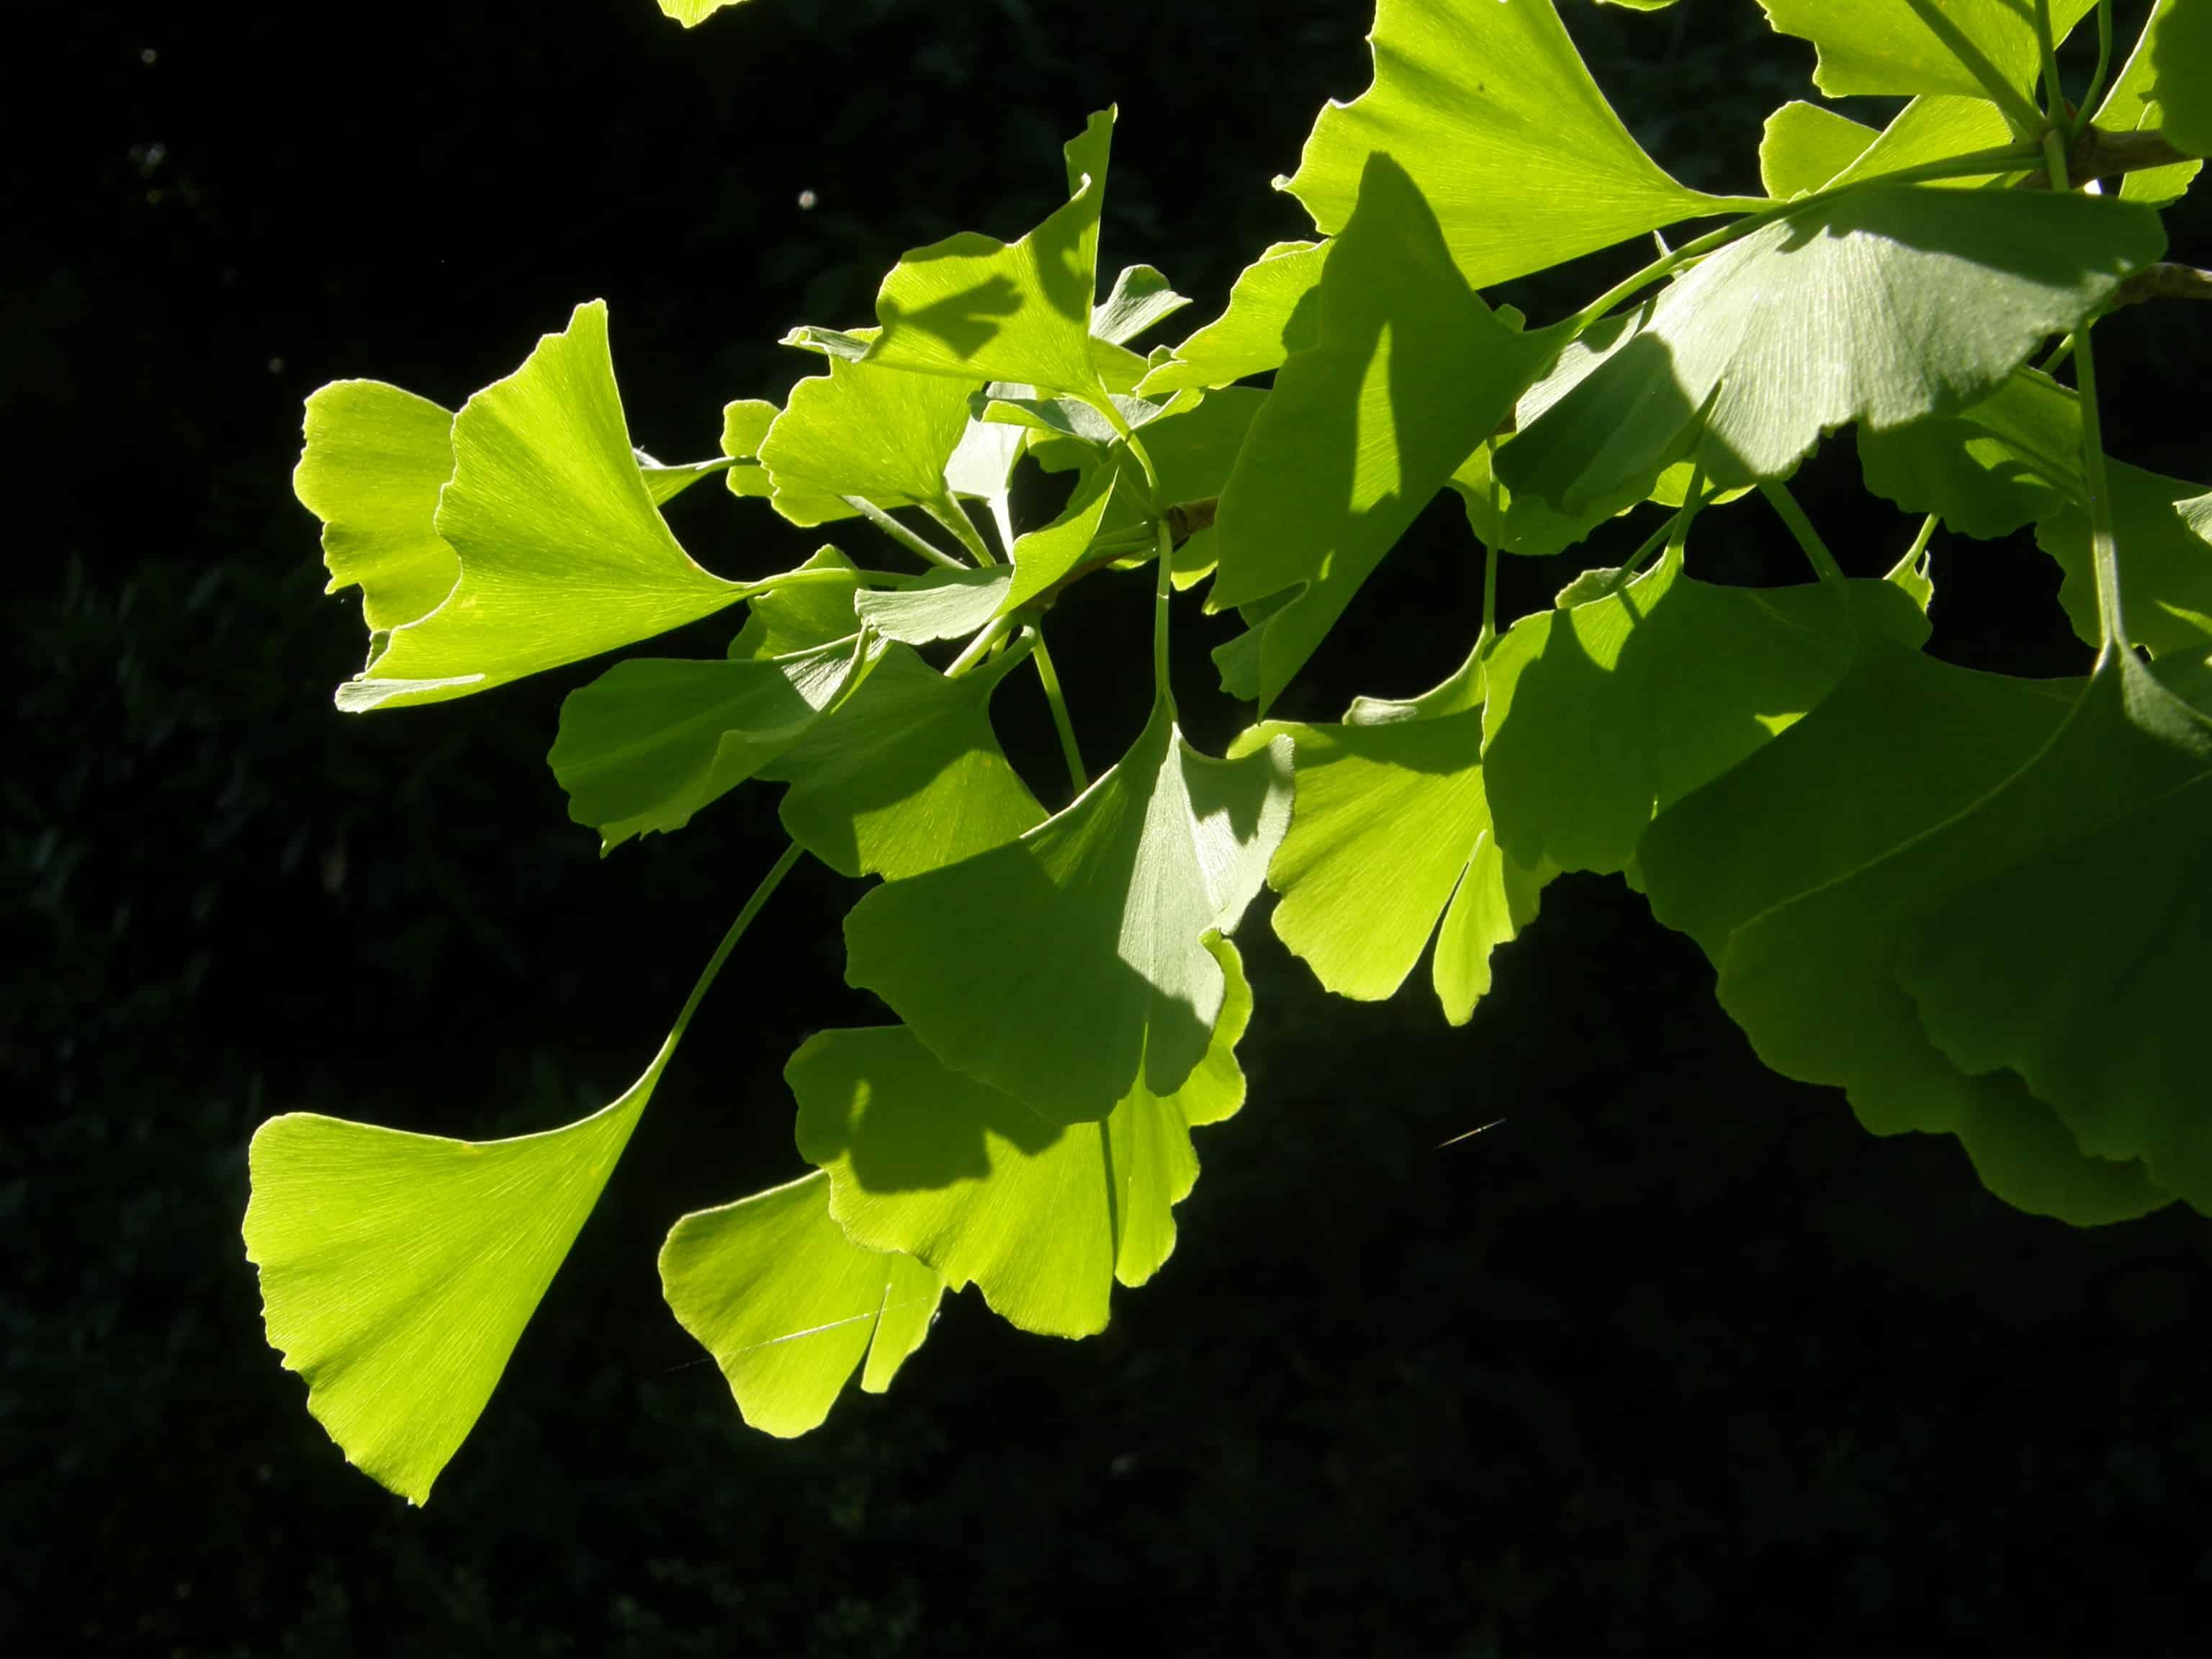 Rétro éclairée, cette branche de Ginkgo montre son mystère